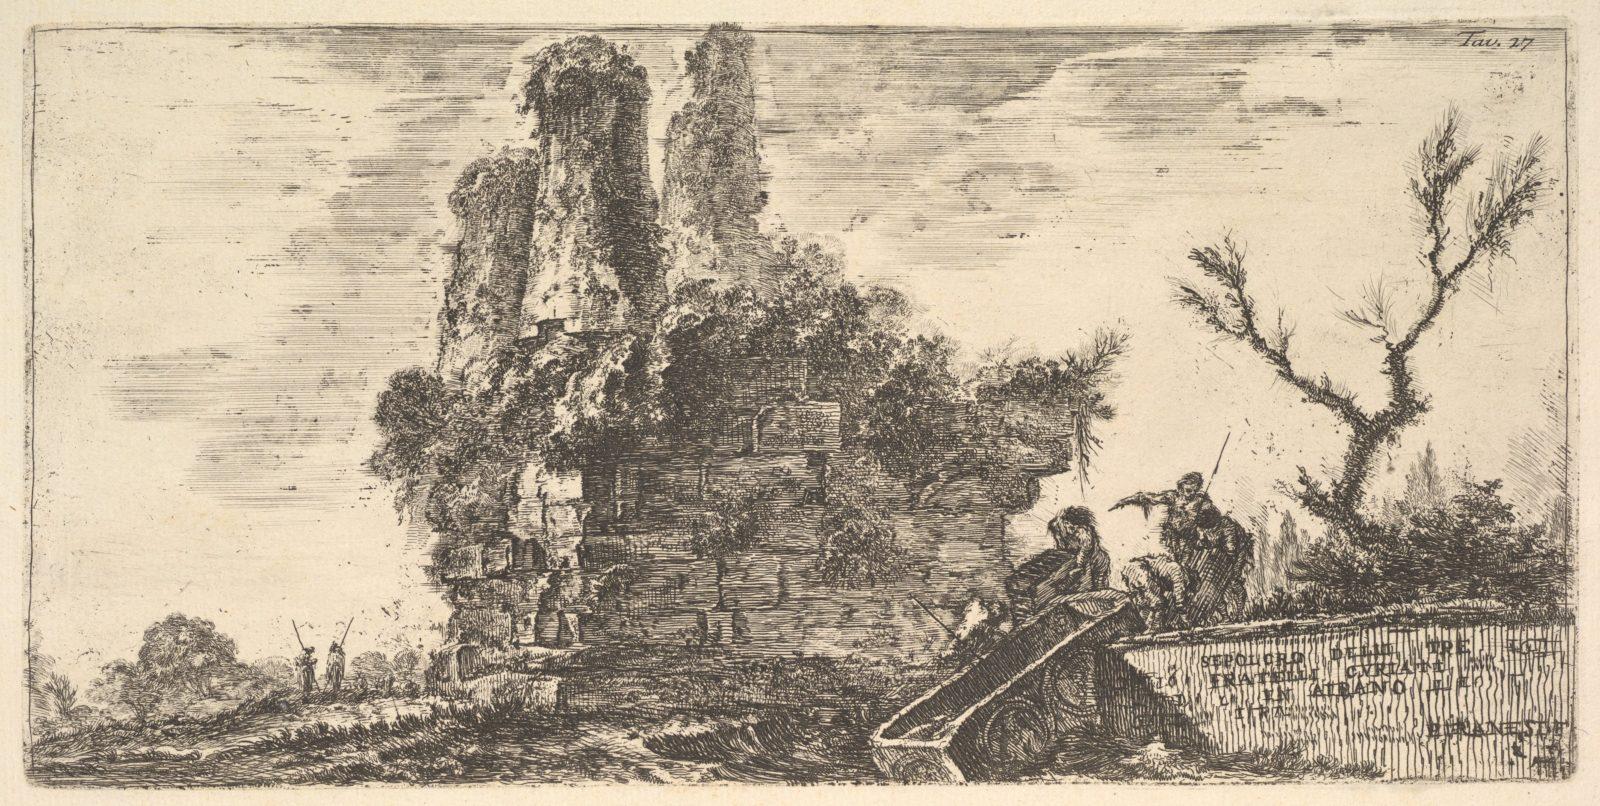 Plate 27: Tomb of the three Curiatii brothers in Albano (Sepolcro delle tre fratelli Curiati in Albano)